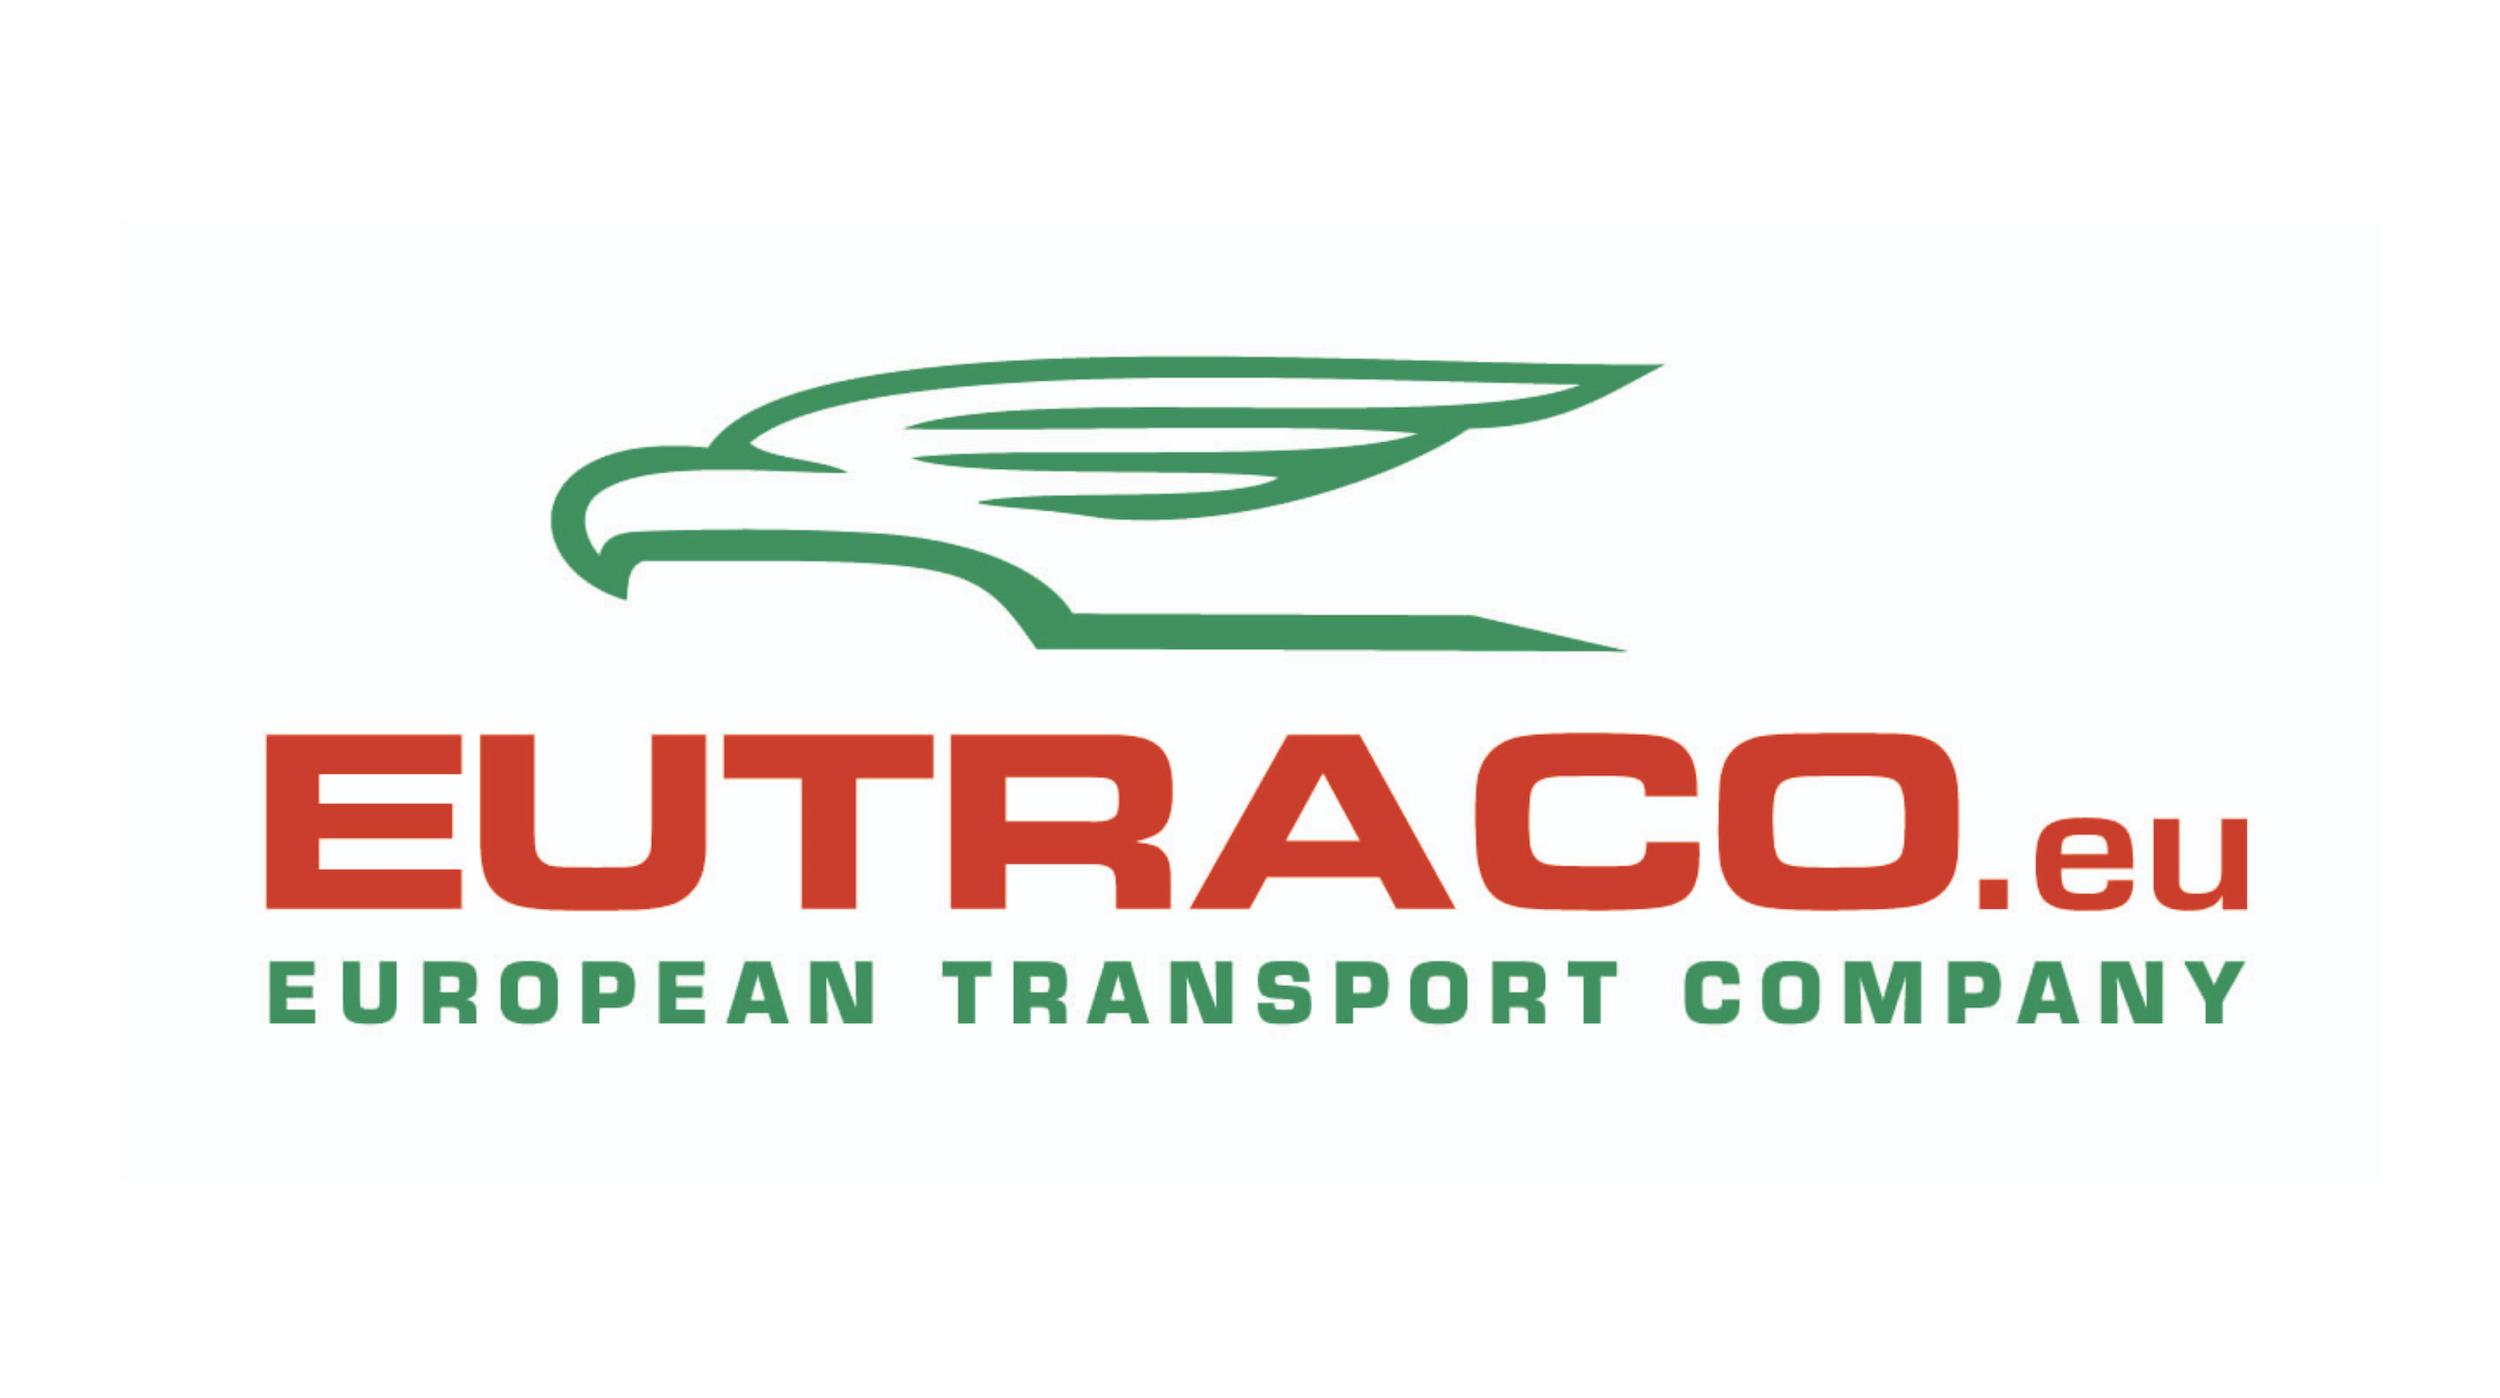 Eutraco-logo